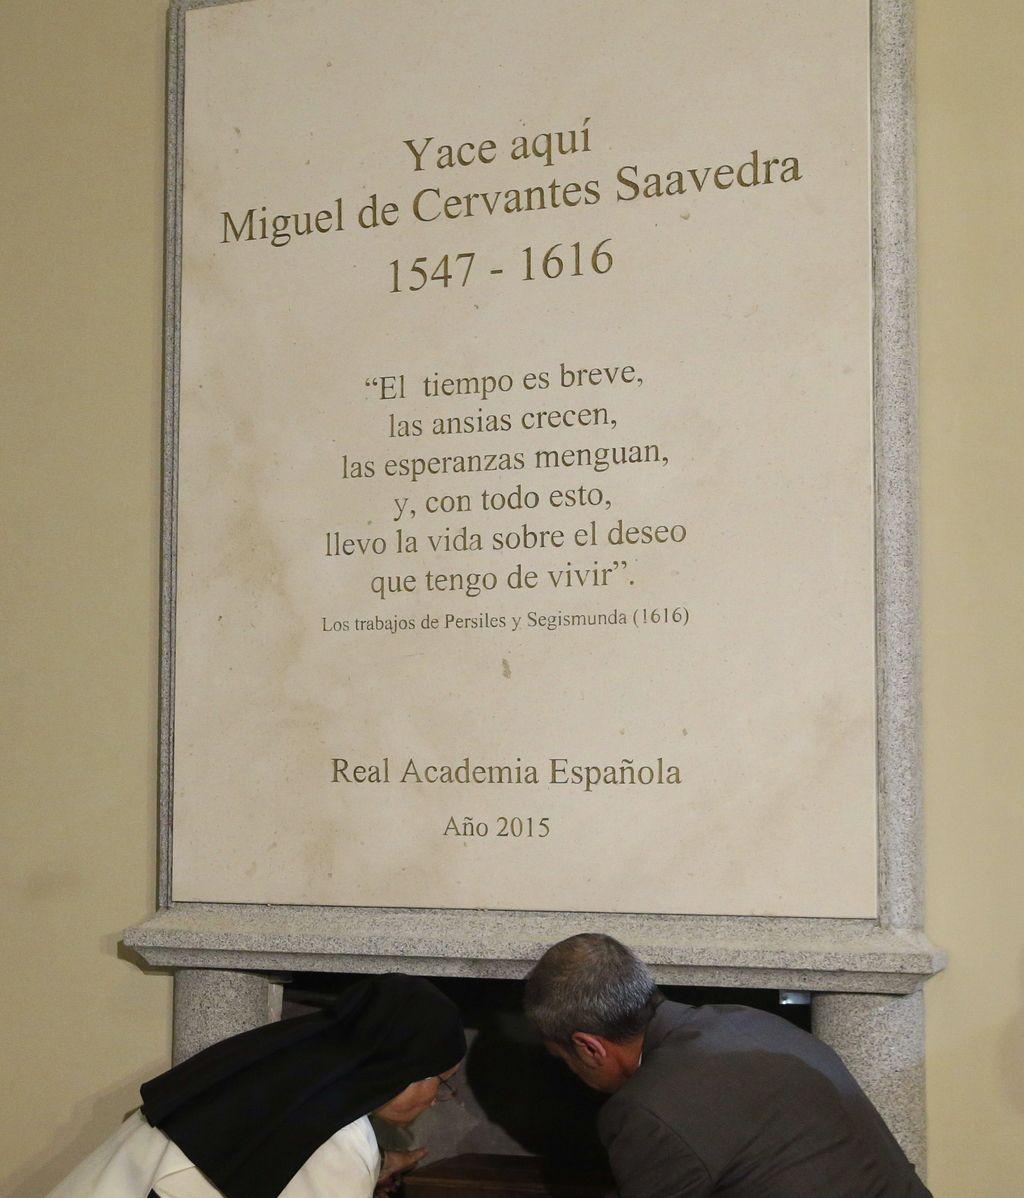 La errata en la placa sobre los restos de Miguel de Cervantes